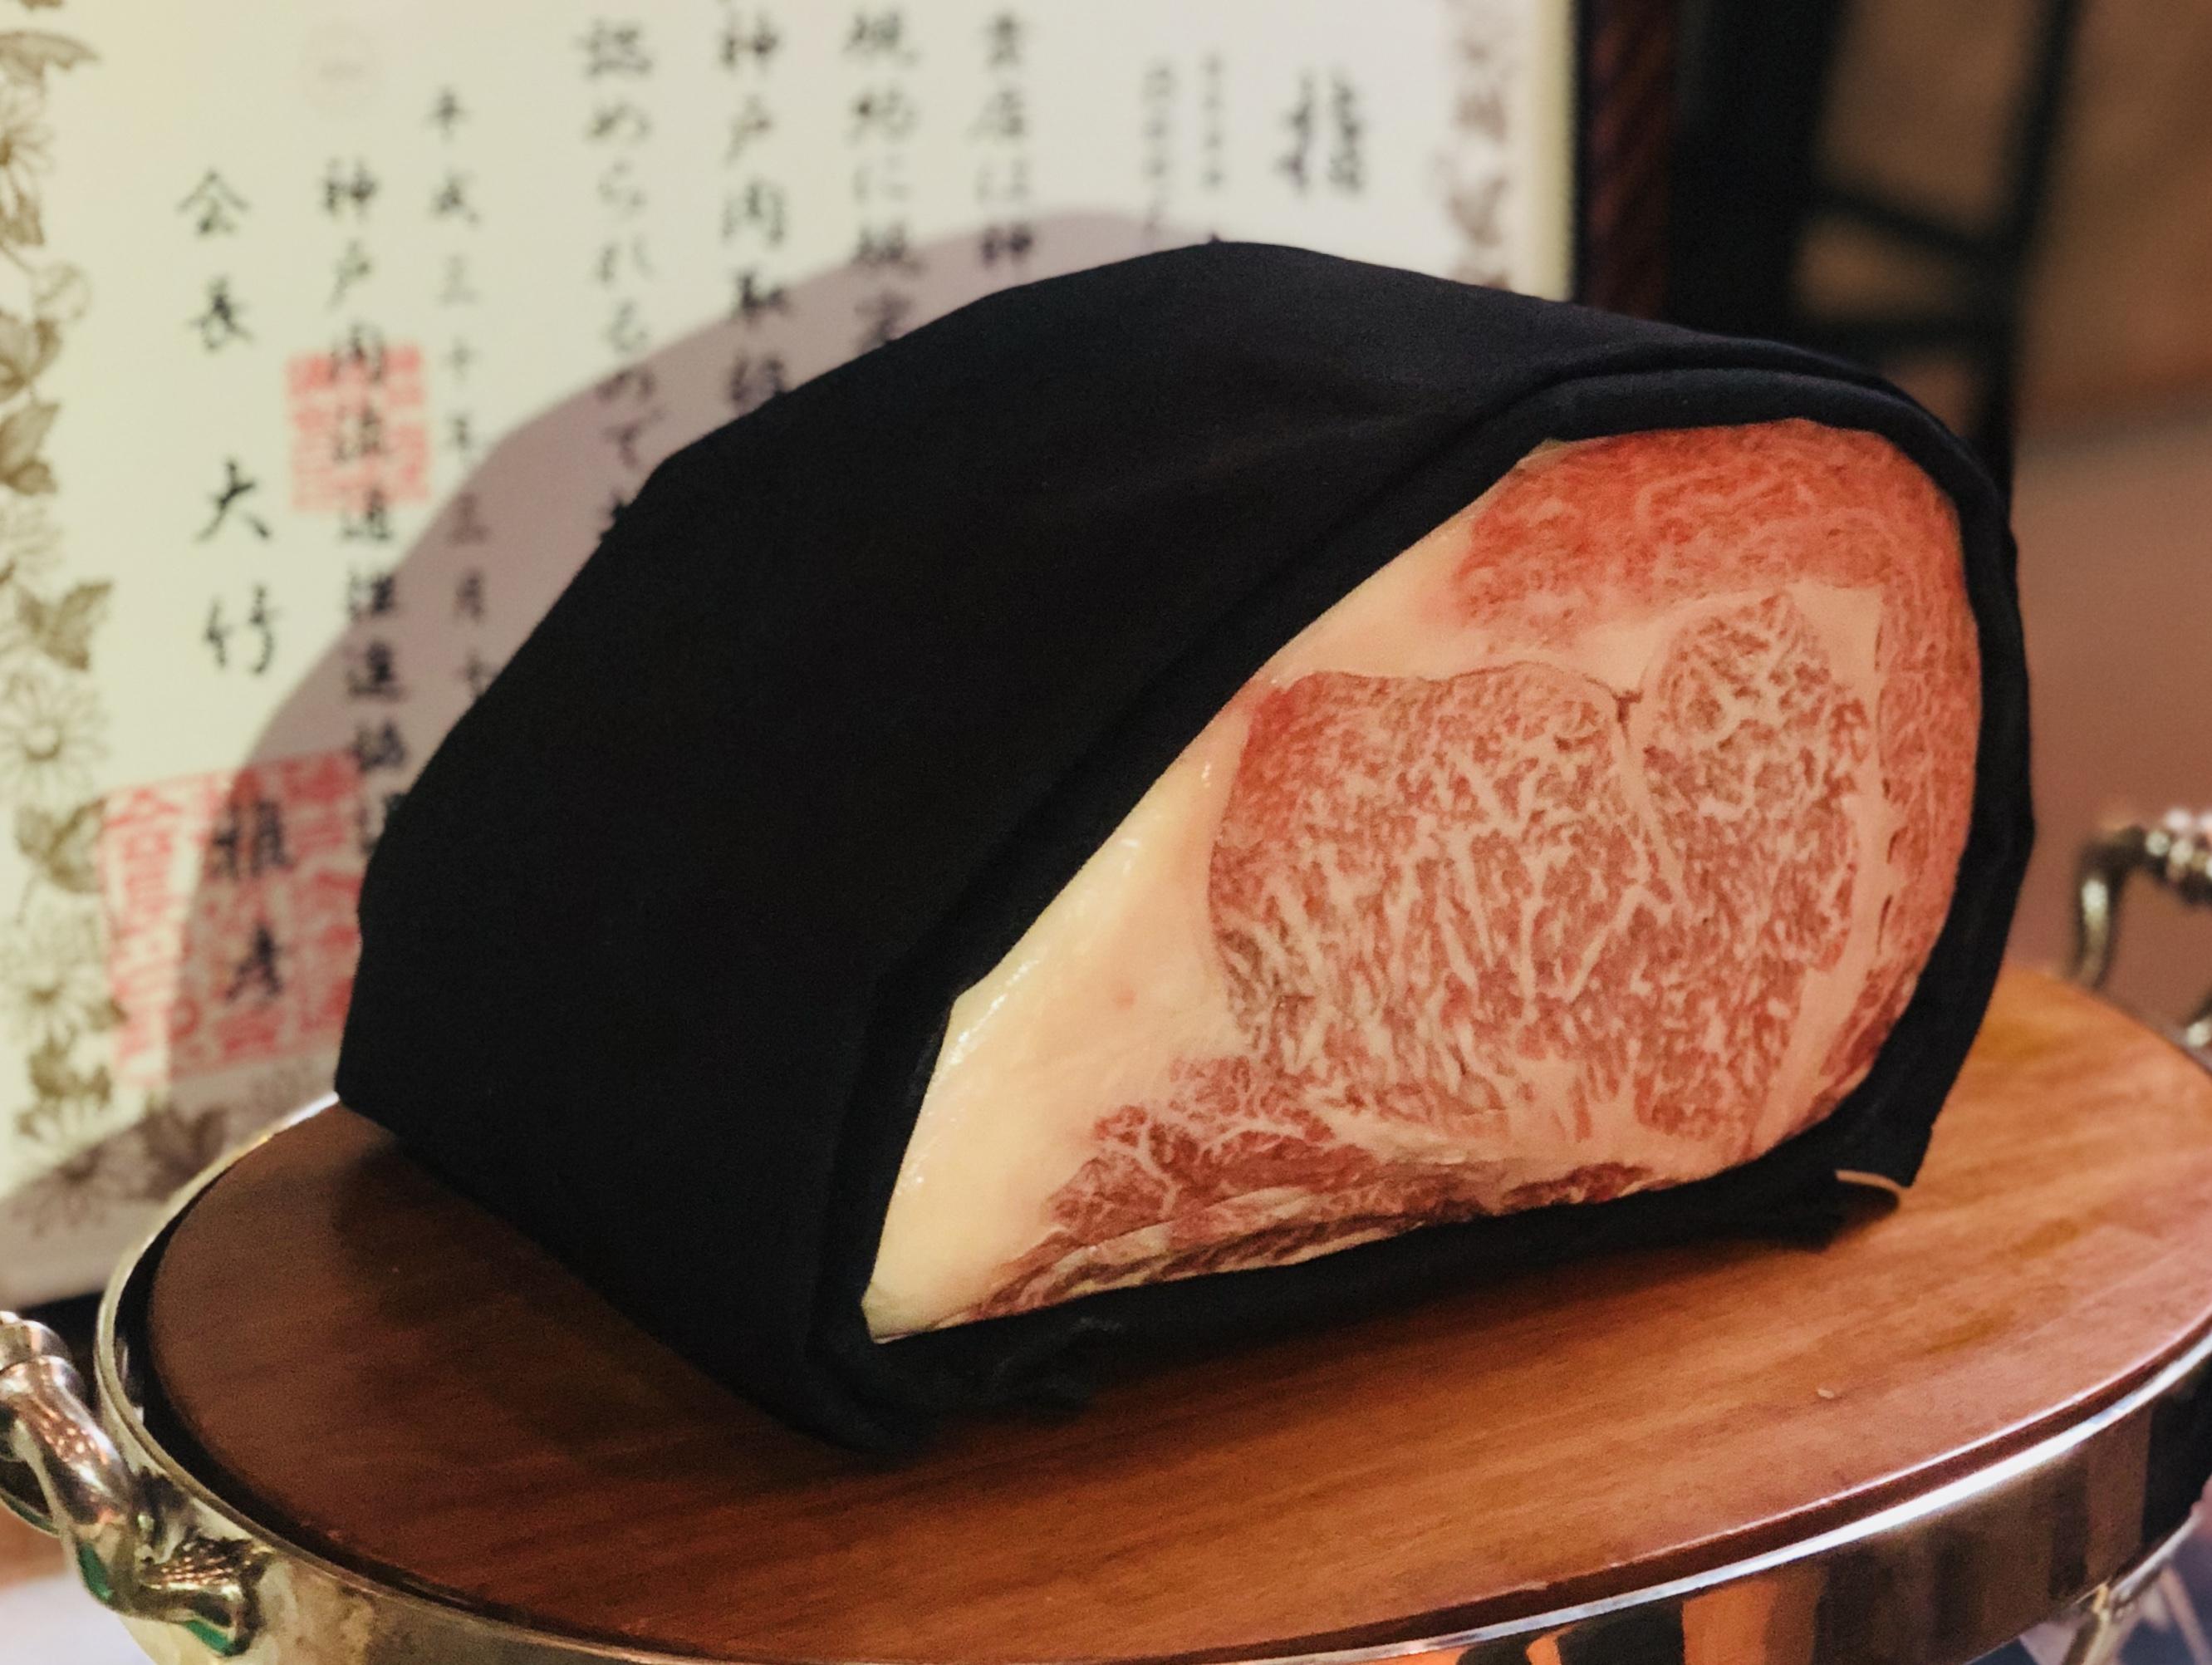 ¿Cómo saber que la carne Kobe que ordenaste realmente es Kobe?